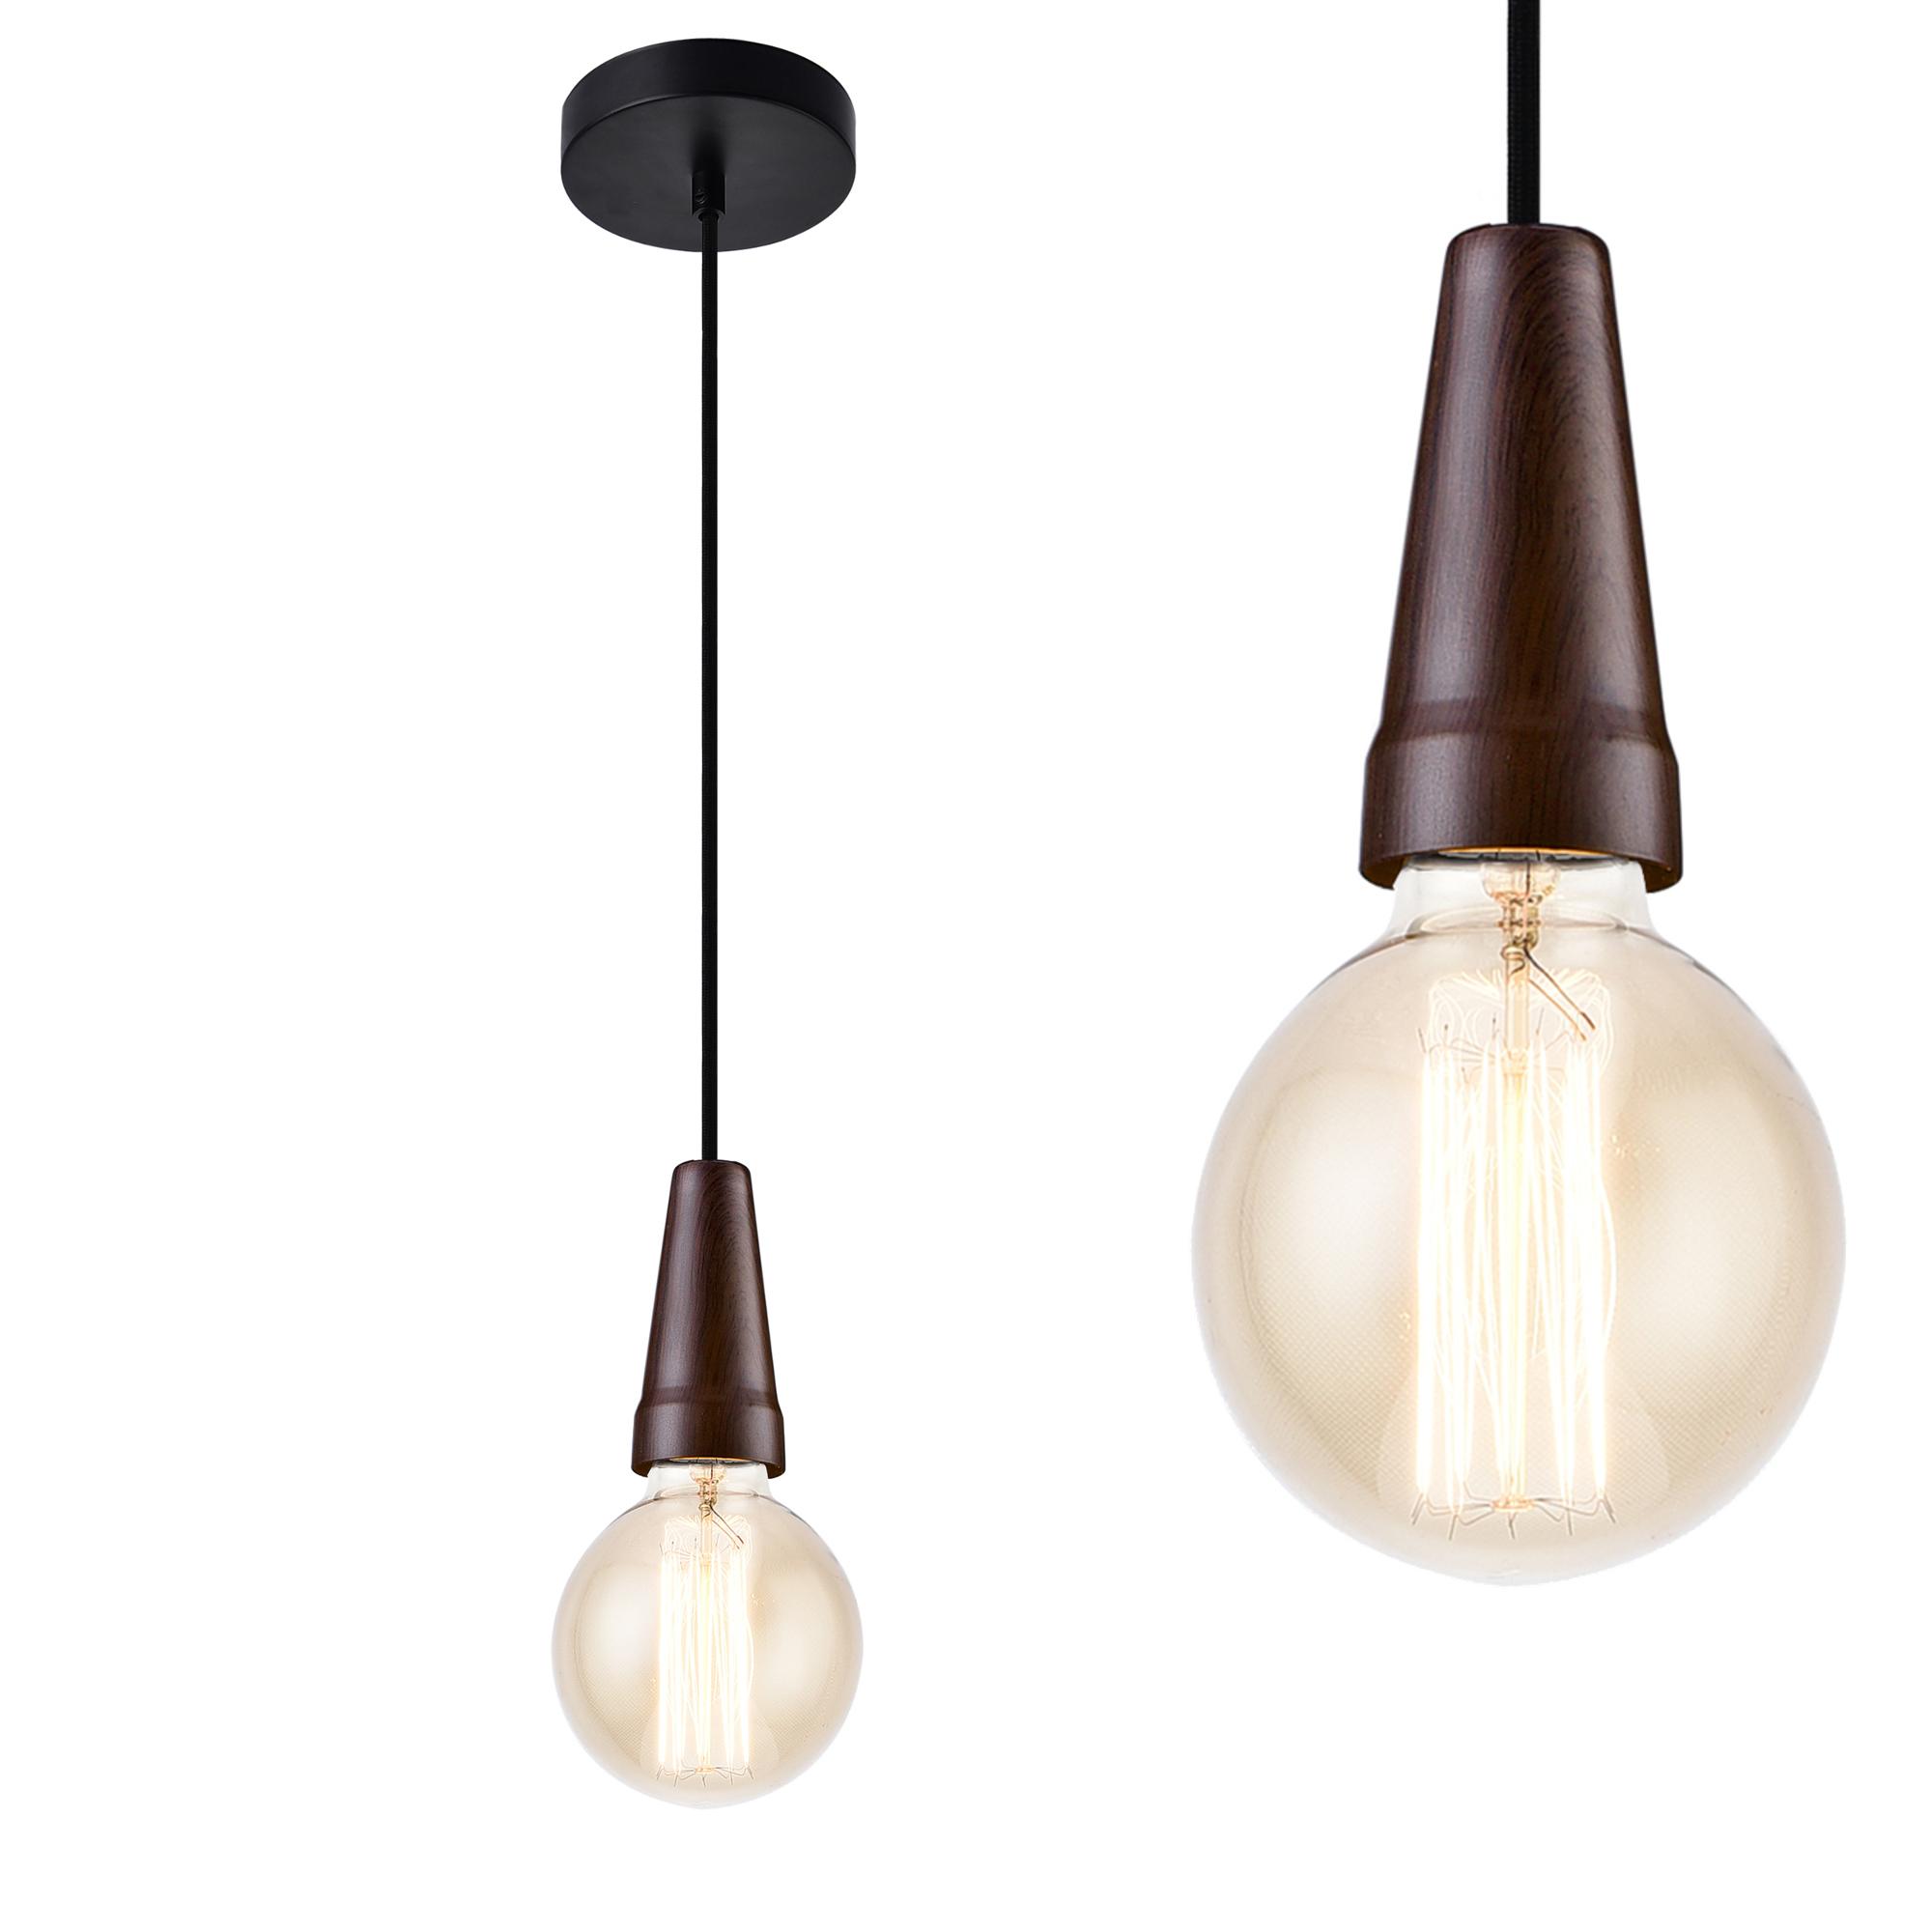 [lux.pro]® Dekoratívní designové závěsné svítidlo / stropní svítidlo - černá / dřevo (1 x E27)